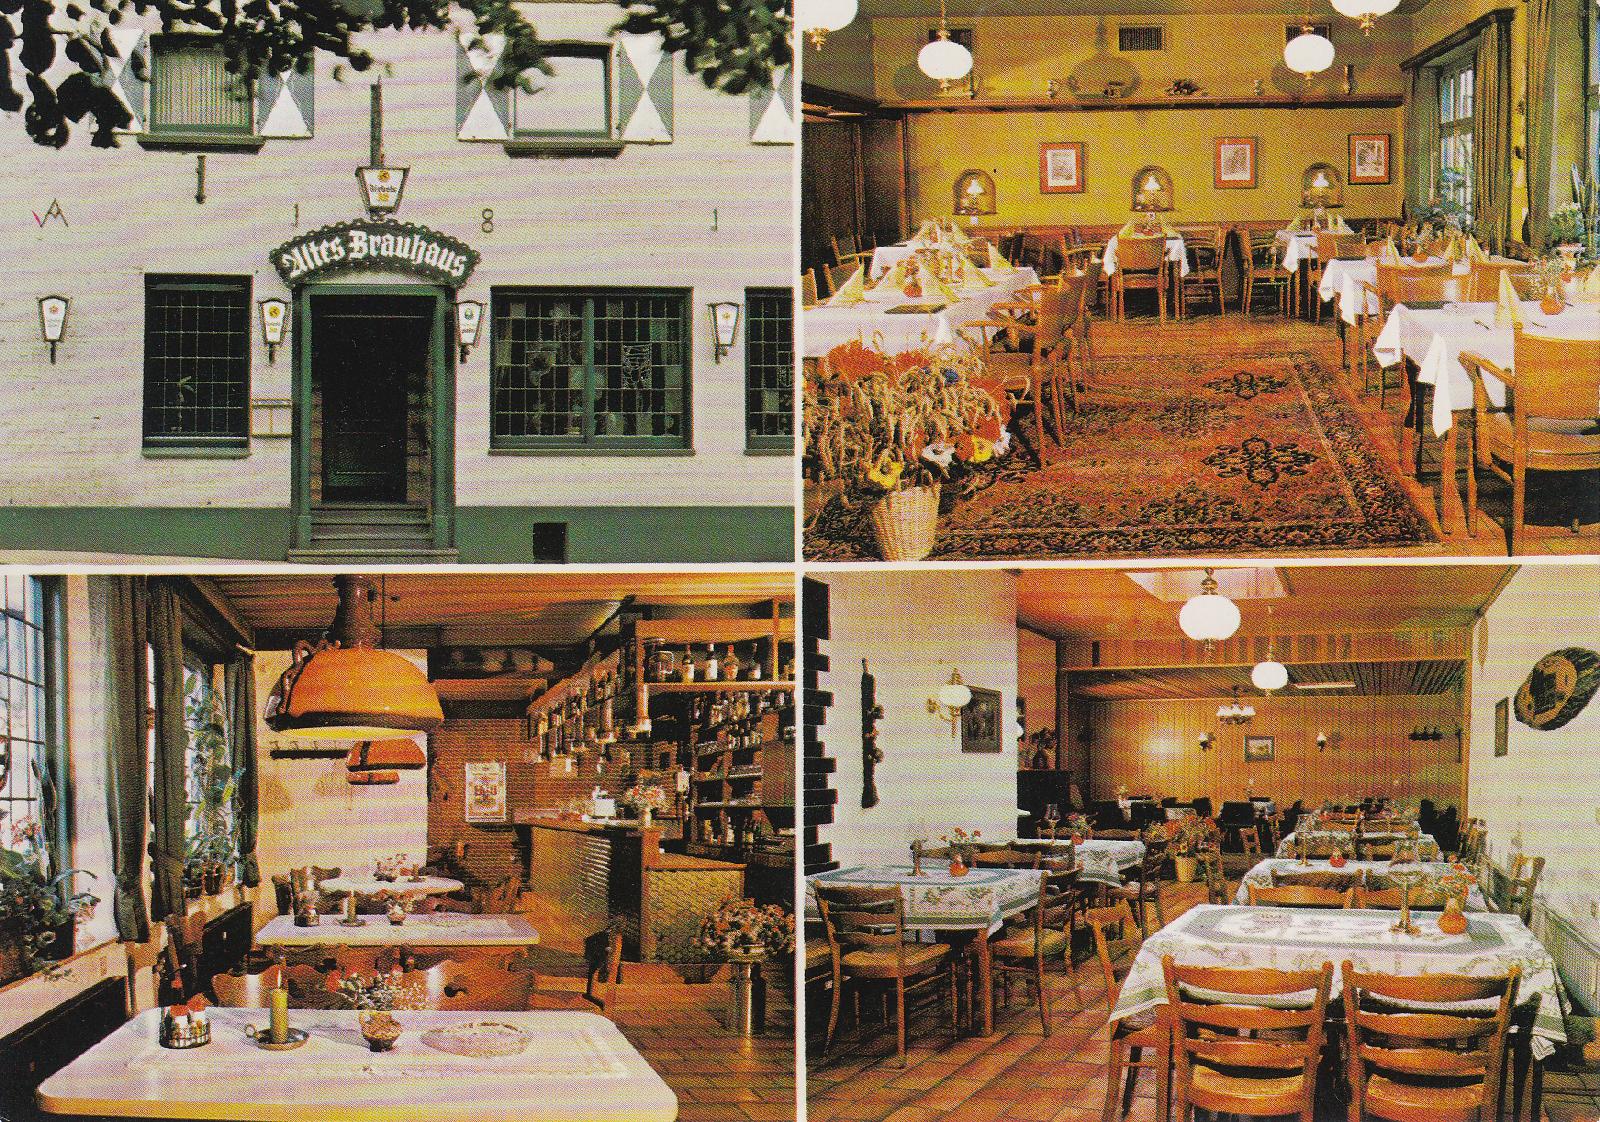 Altes Brauhaus Lembeck